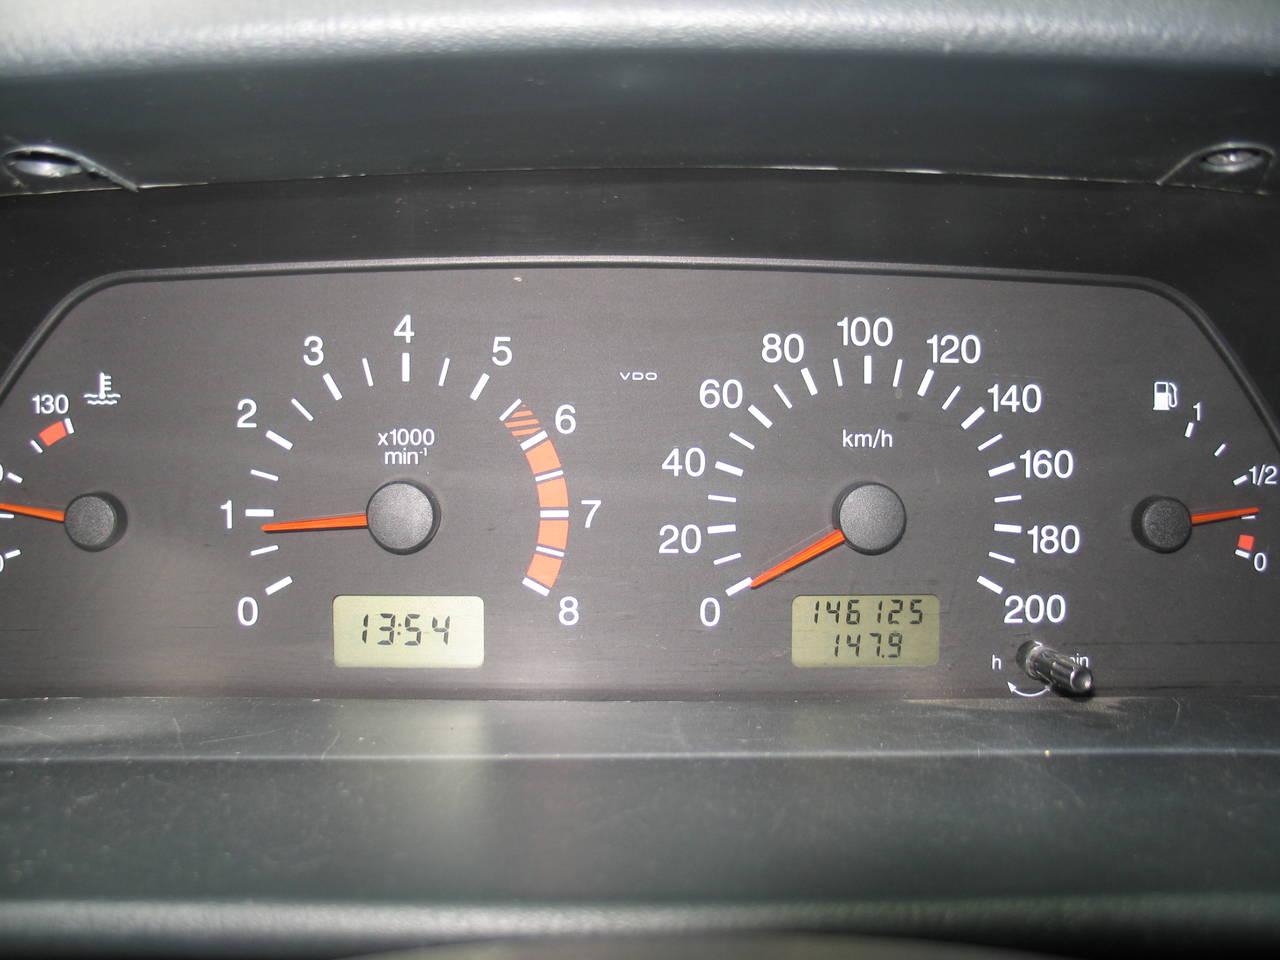 Лада 2112 2006, бензин, 1596 куб.см, 89л.с - отзыв владельца